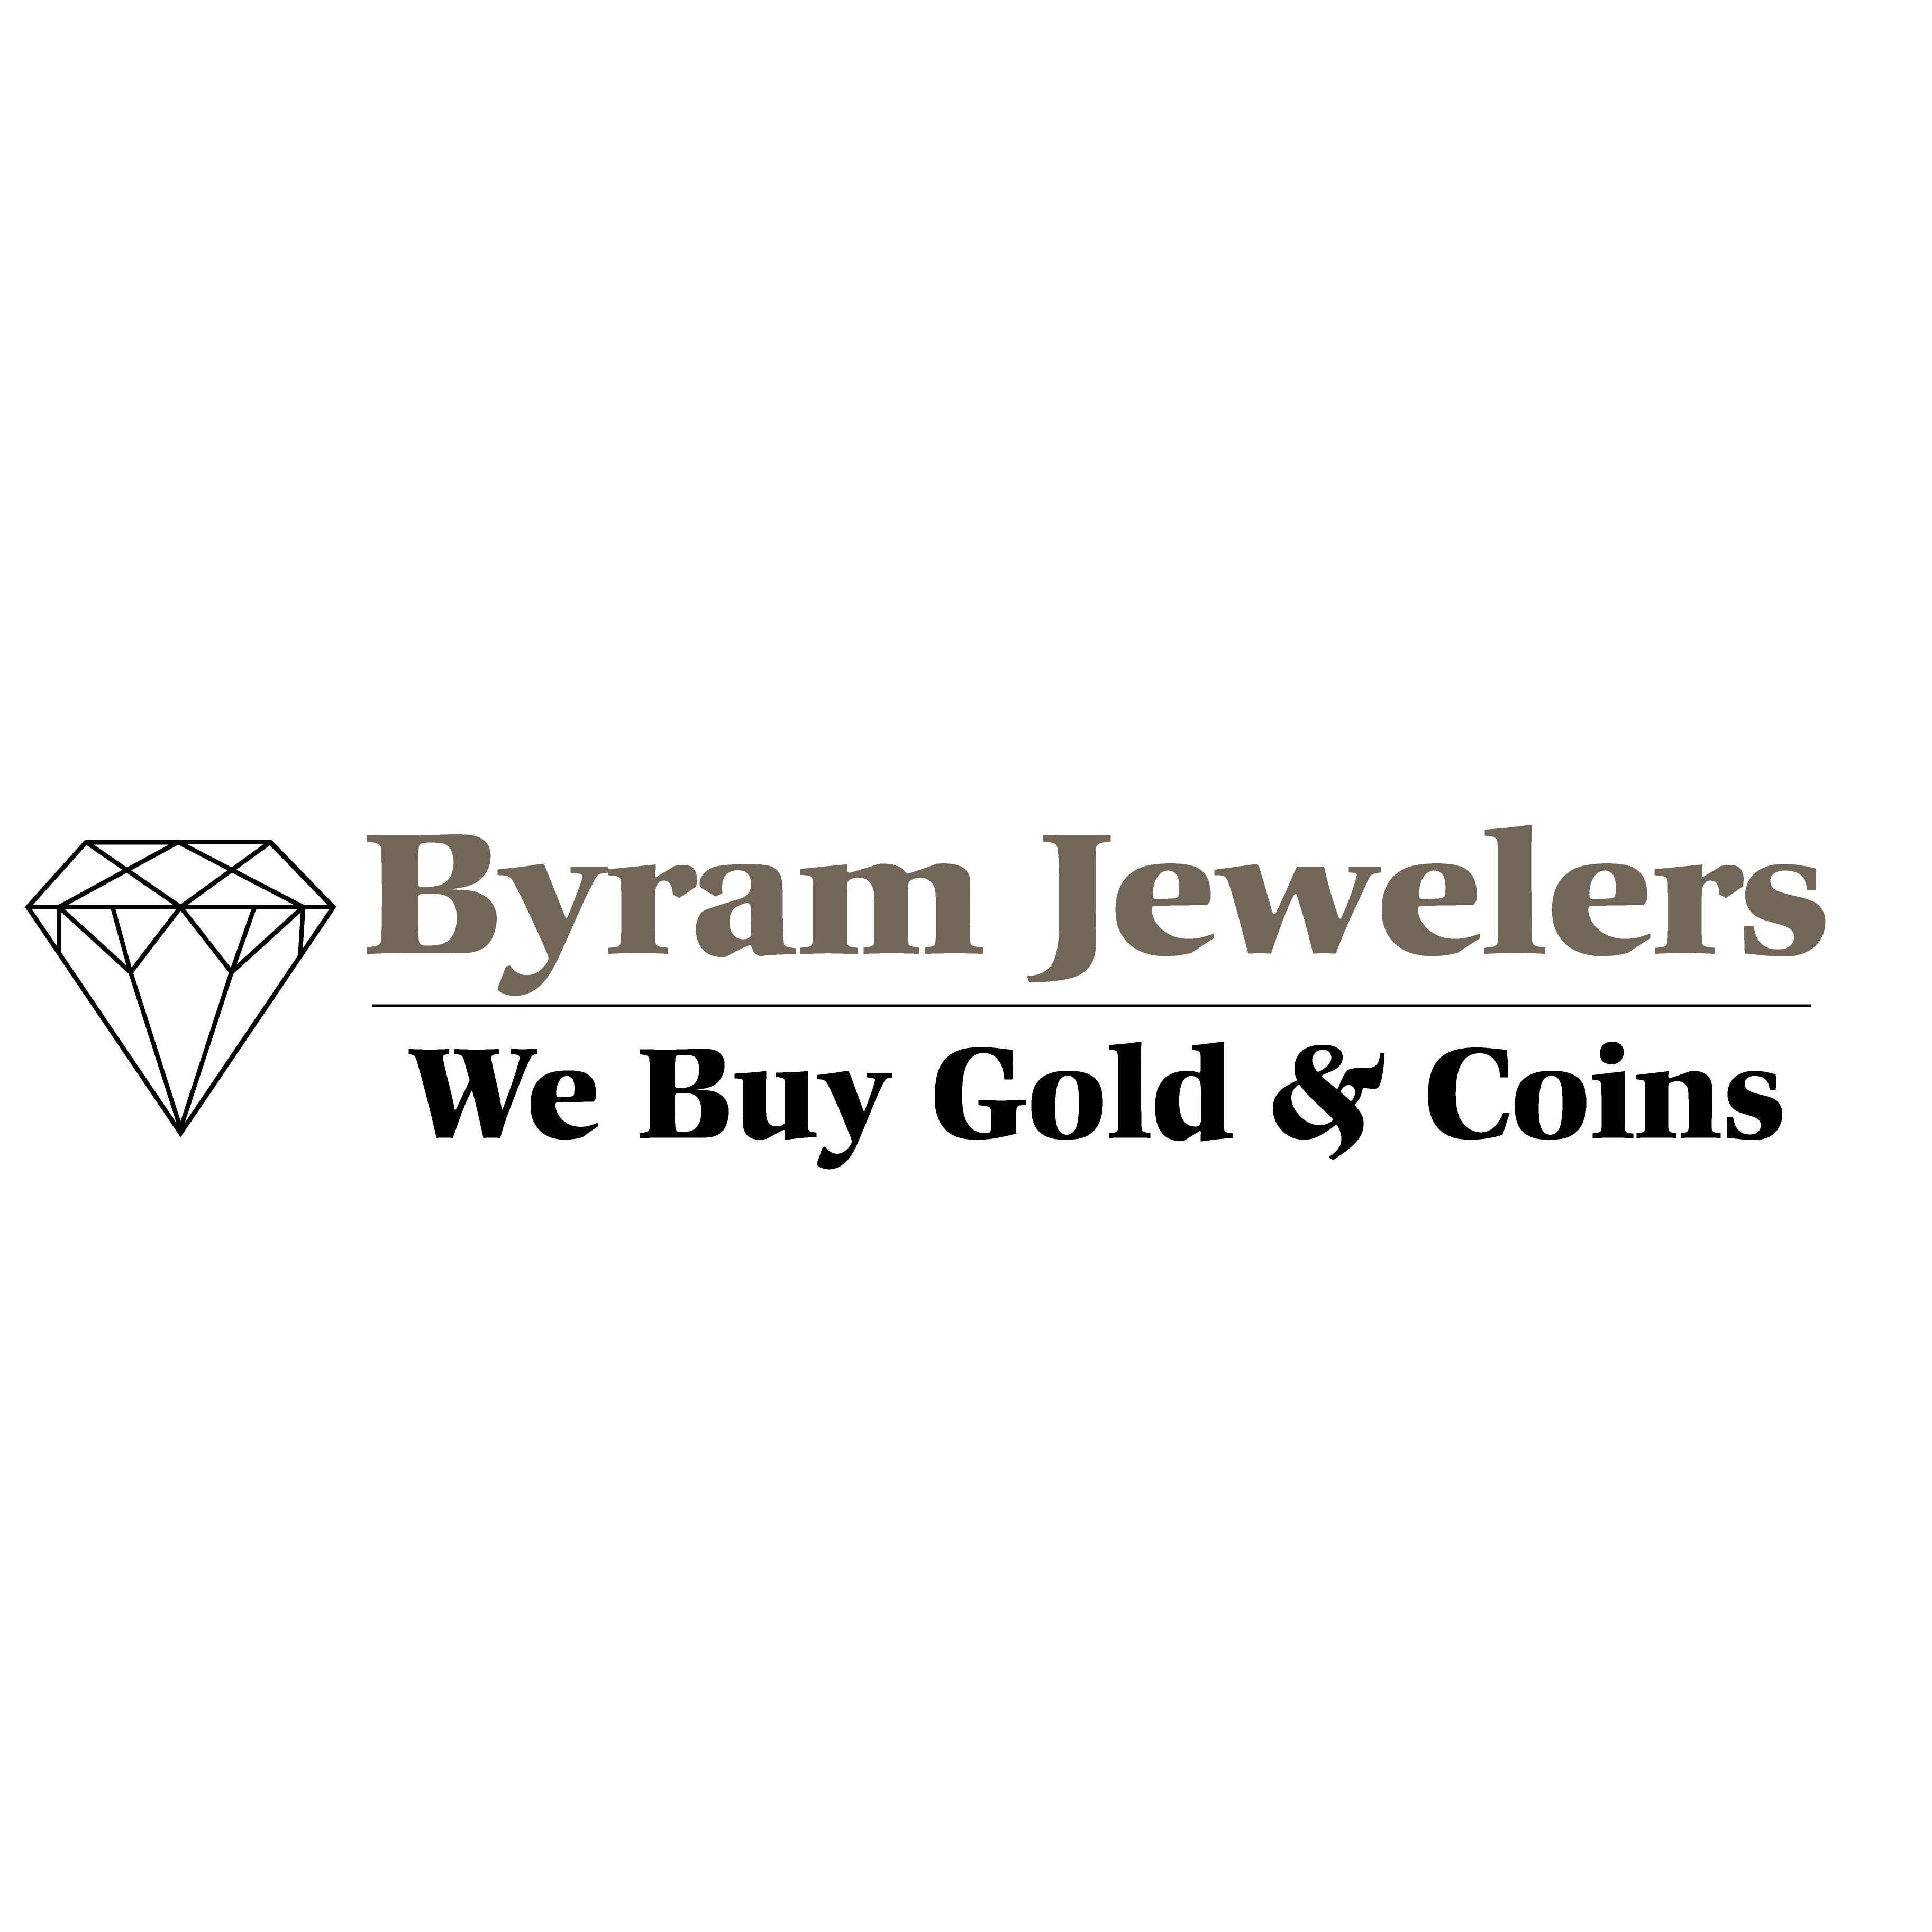 Byram Jewelers image 6